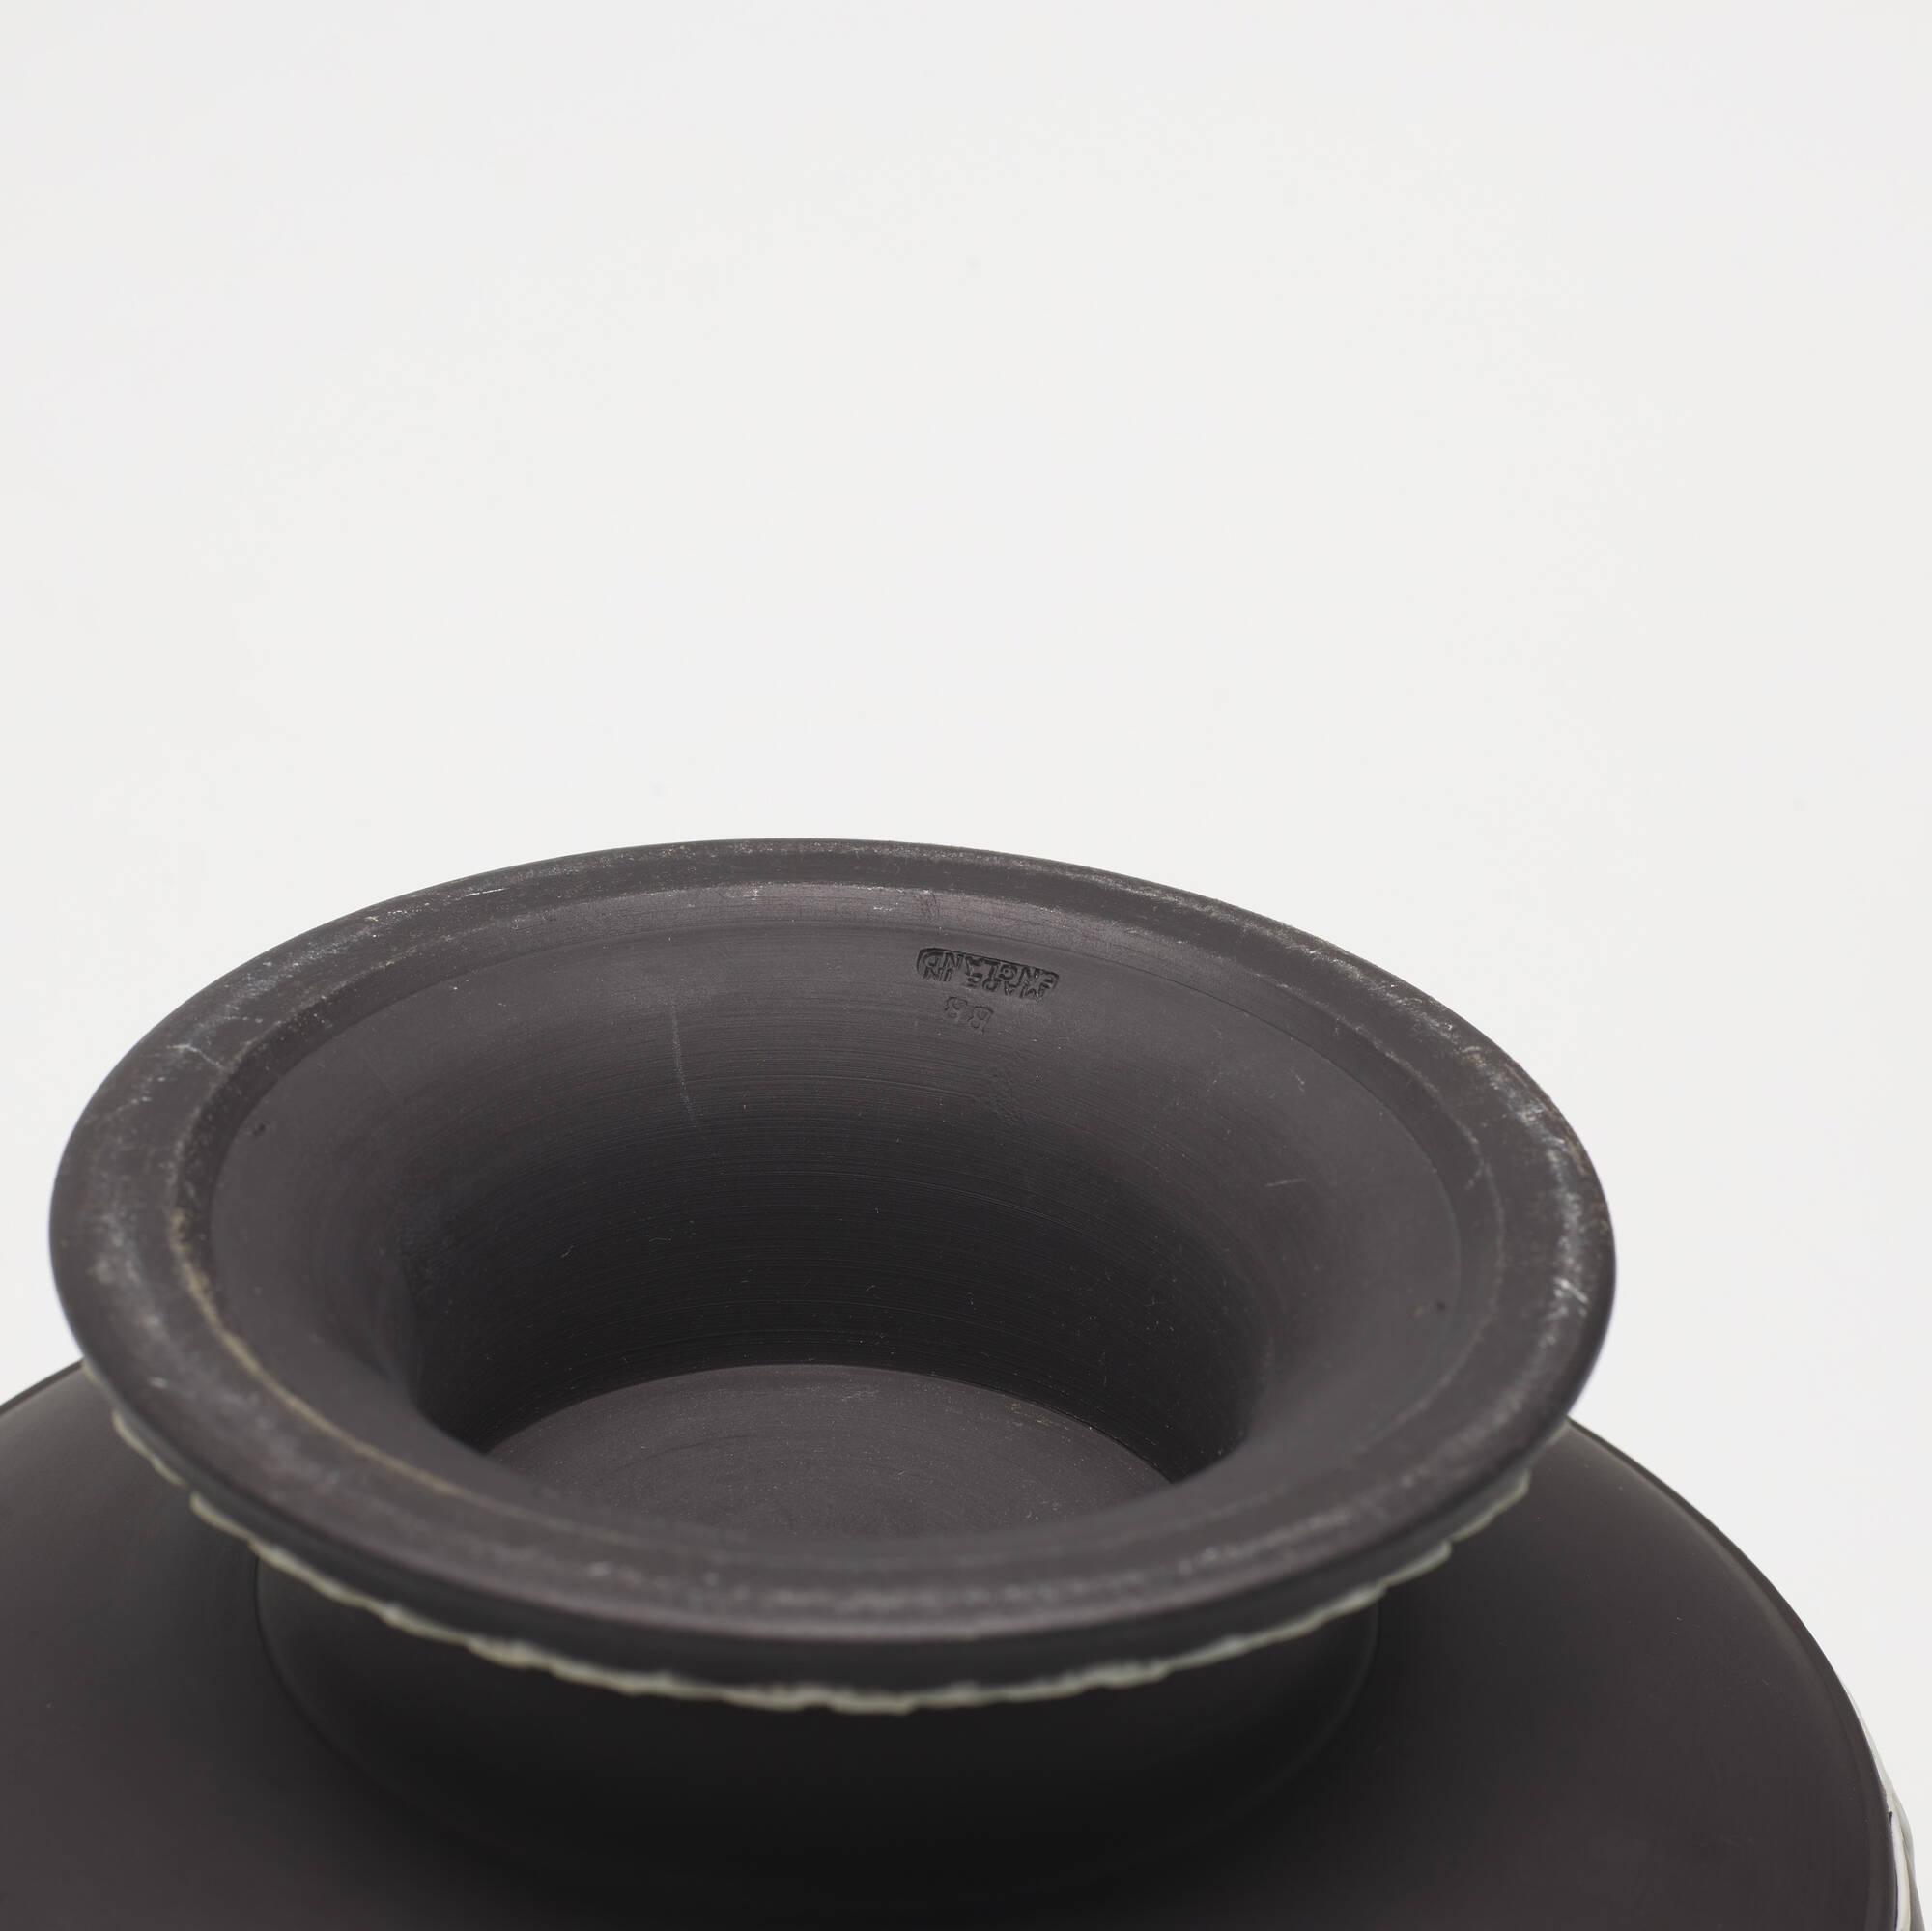 784: Wedgwood / Jasperware vessels, pair (2 of 2)